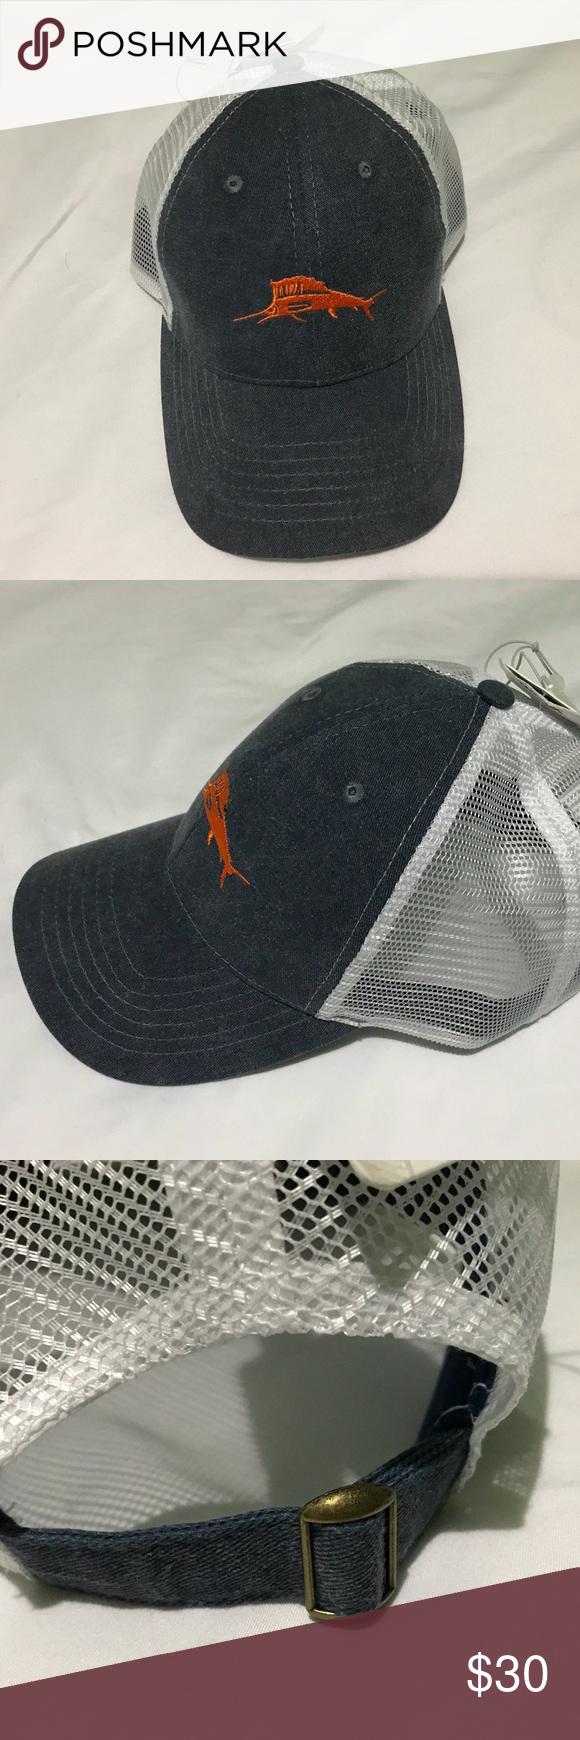 338b7b5e7fe93e Tommy Bahama Adjustable Trucker Hat Cap NEW Tommy Bahama Adjustable Trucker Hat  Cap NEW Color Blue